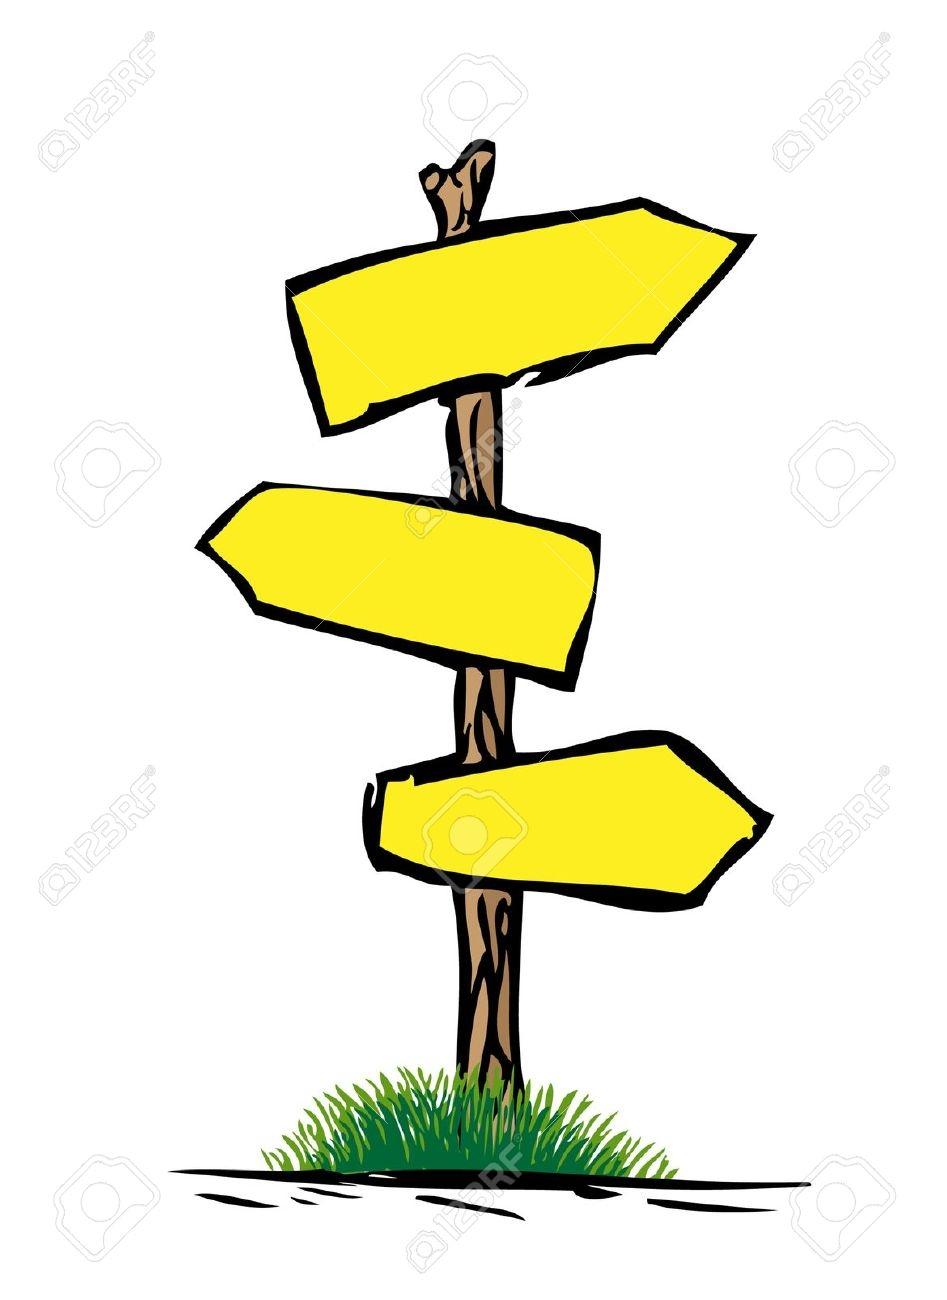 Road sign arrow clipart clip art download Road Sign Arrow Clipart - clipartsgram.com clip art download